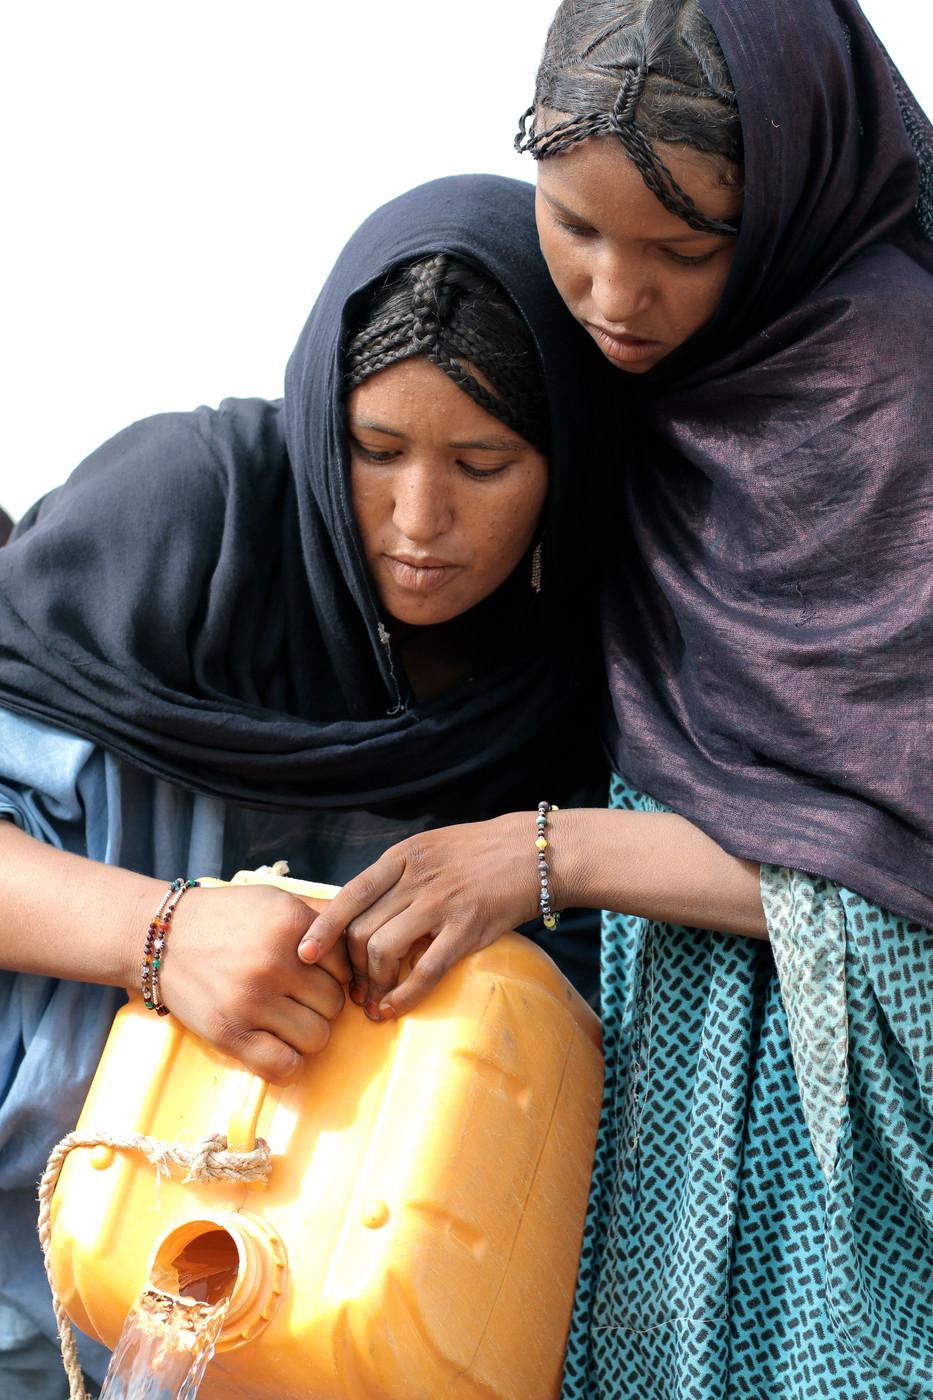 Tuareg girls from Mali fetch water